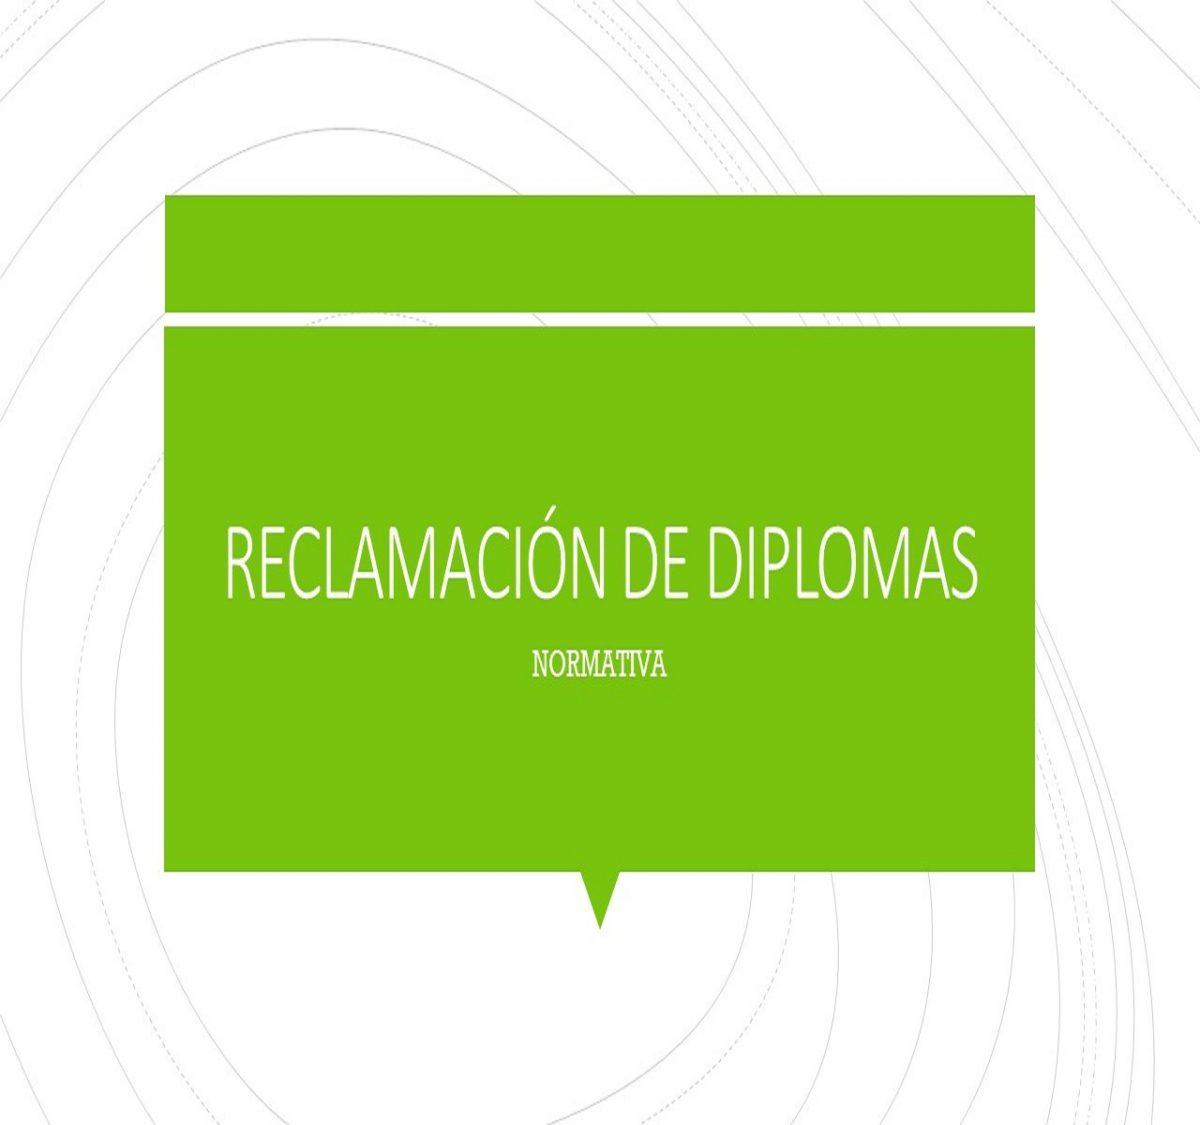 RECLAMACION DE DIPLOMAS -NORMAS-